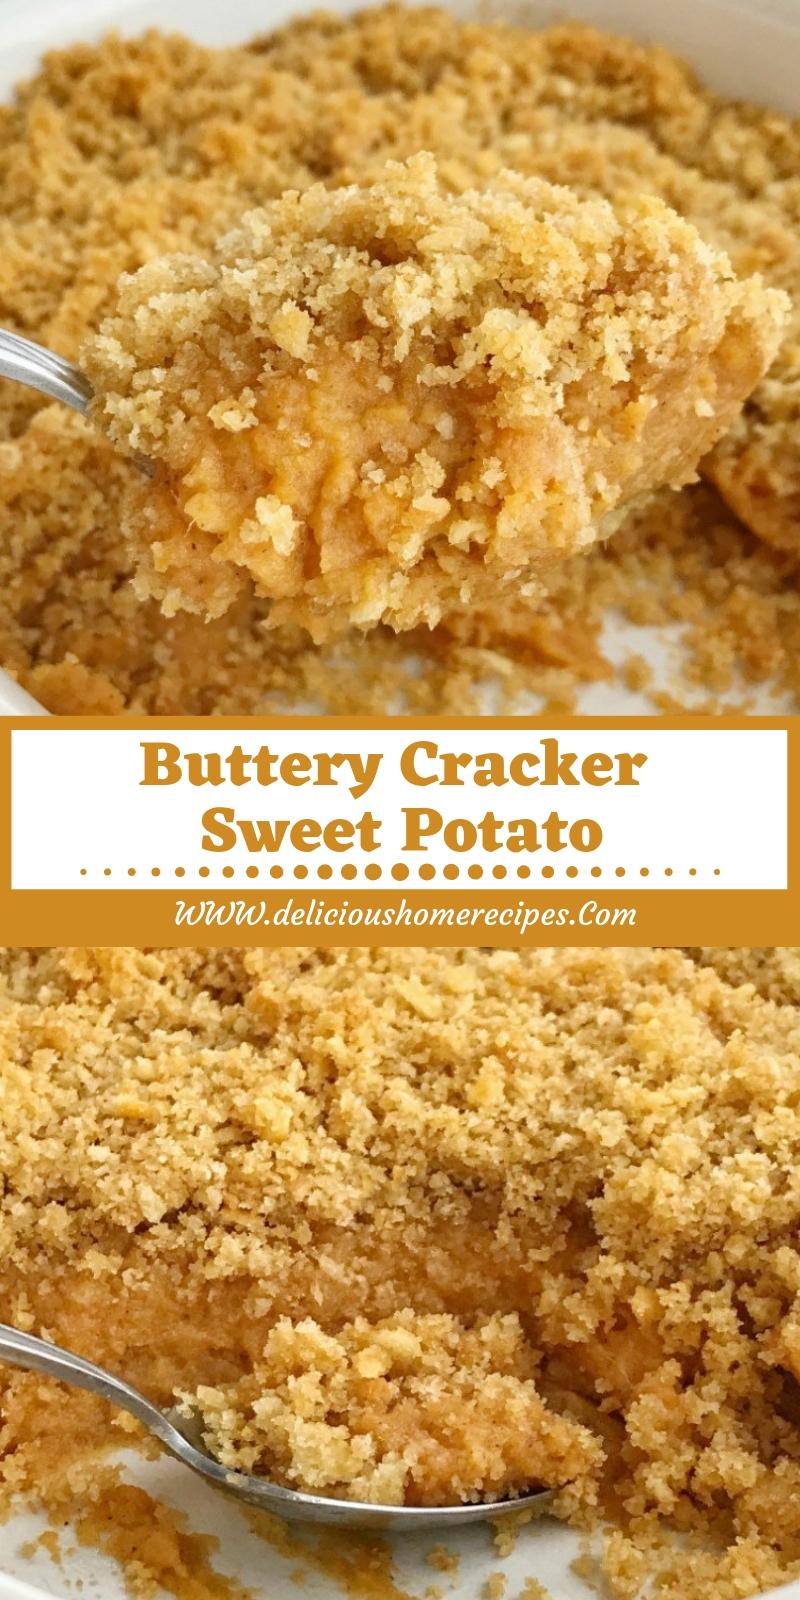 Buttery Cracker Sweet Potato